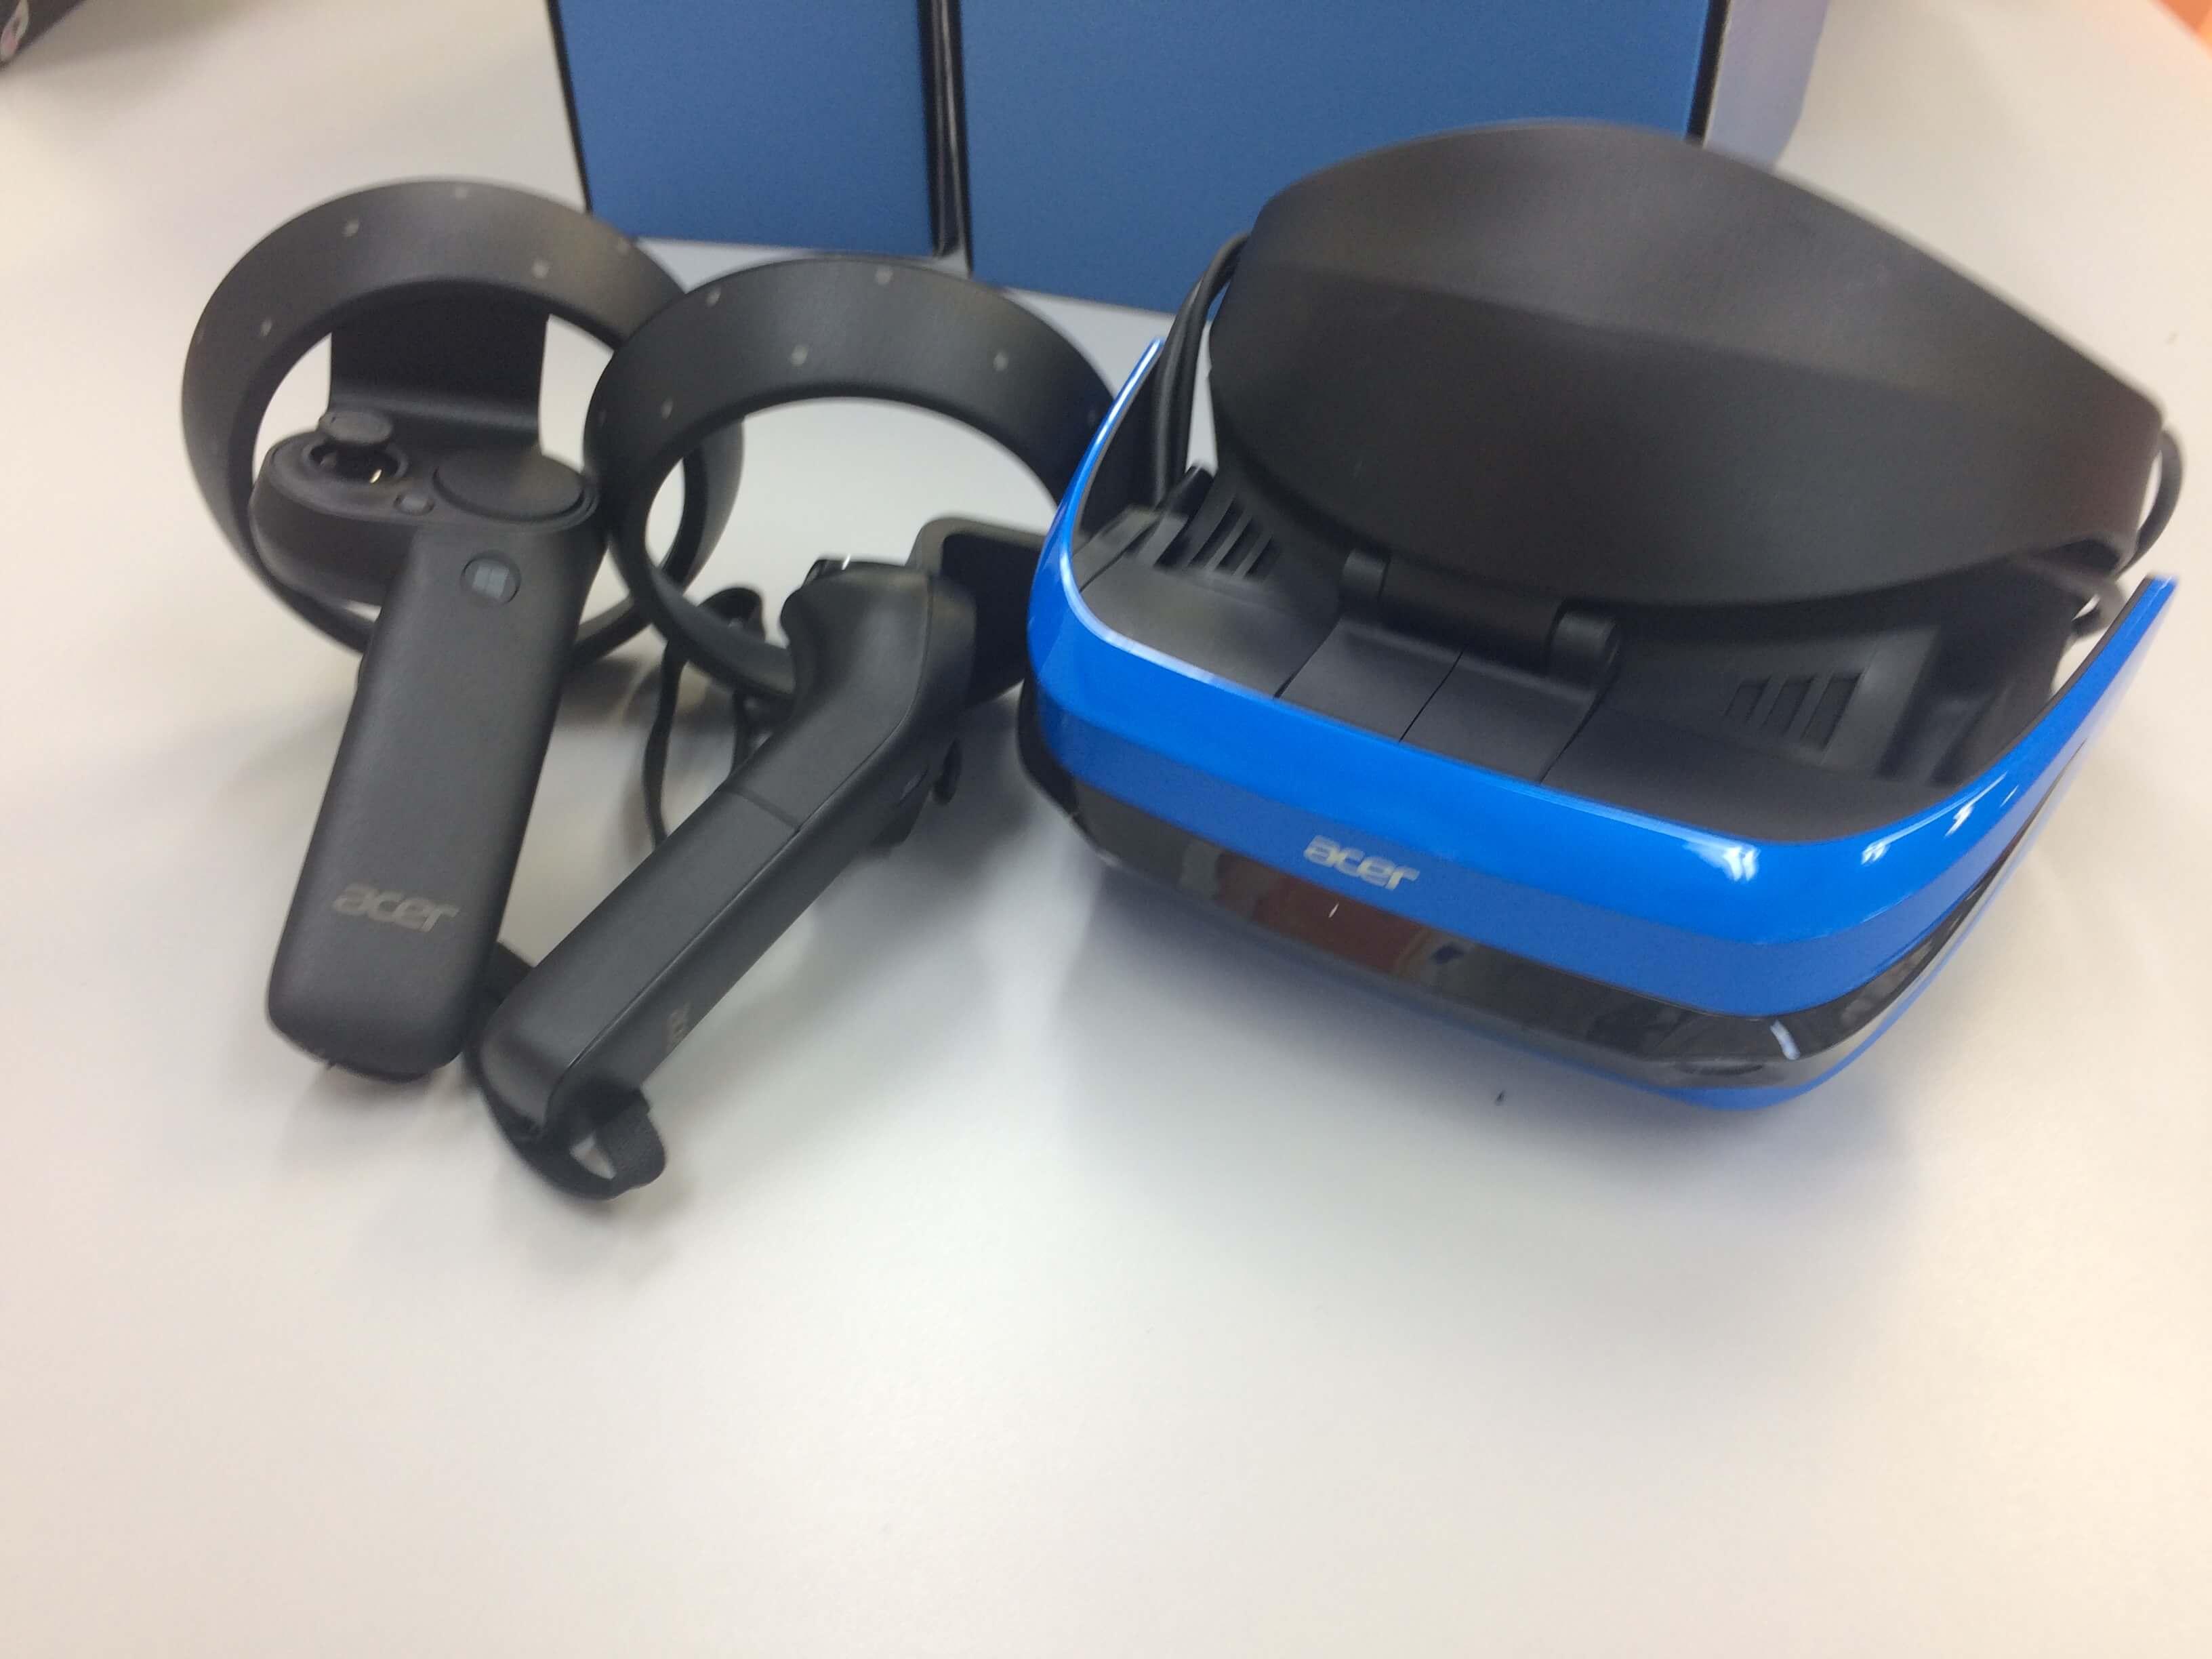 「Acer Windows MR ヘッドセット」本体とモーションコントローラー